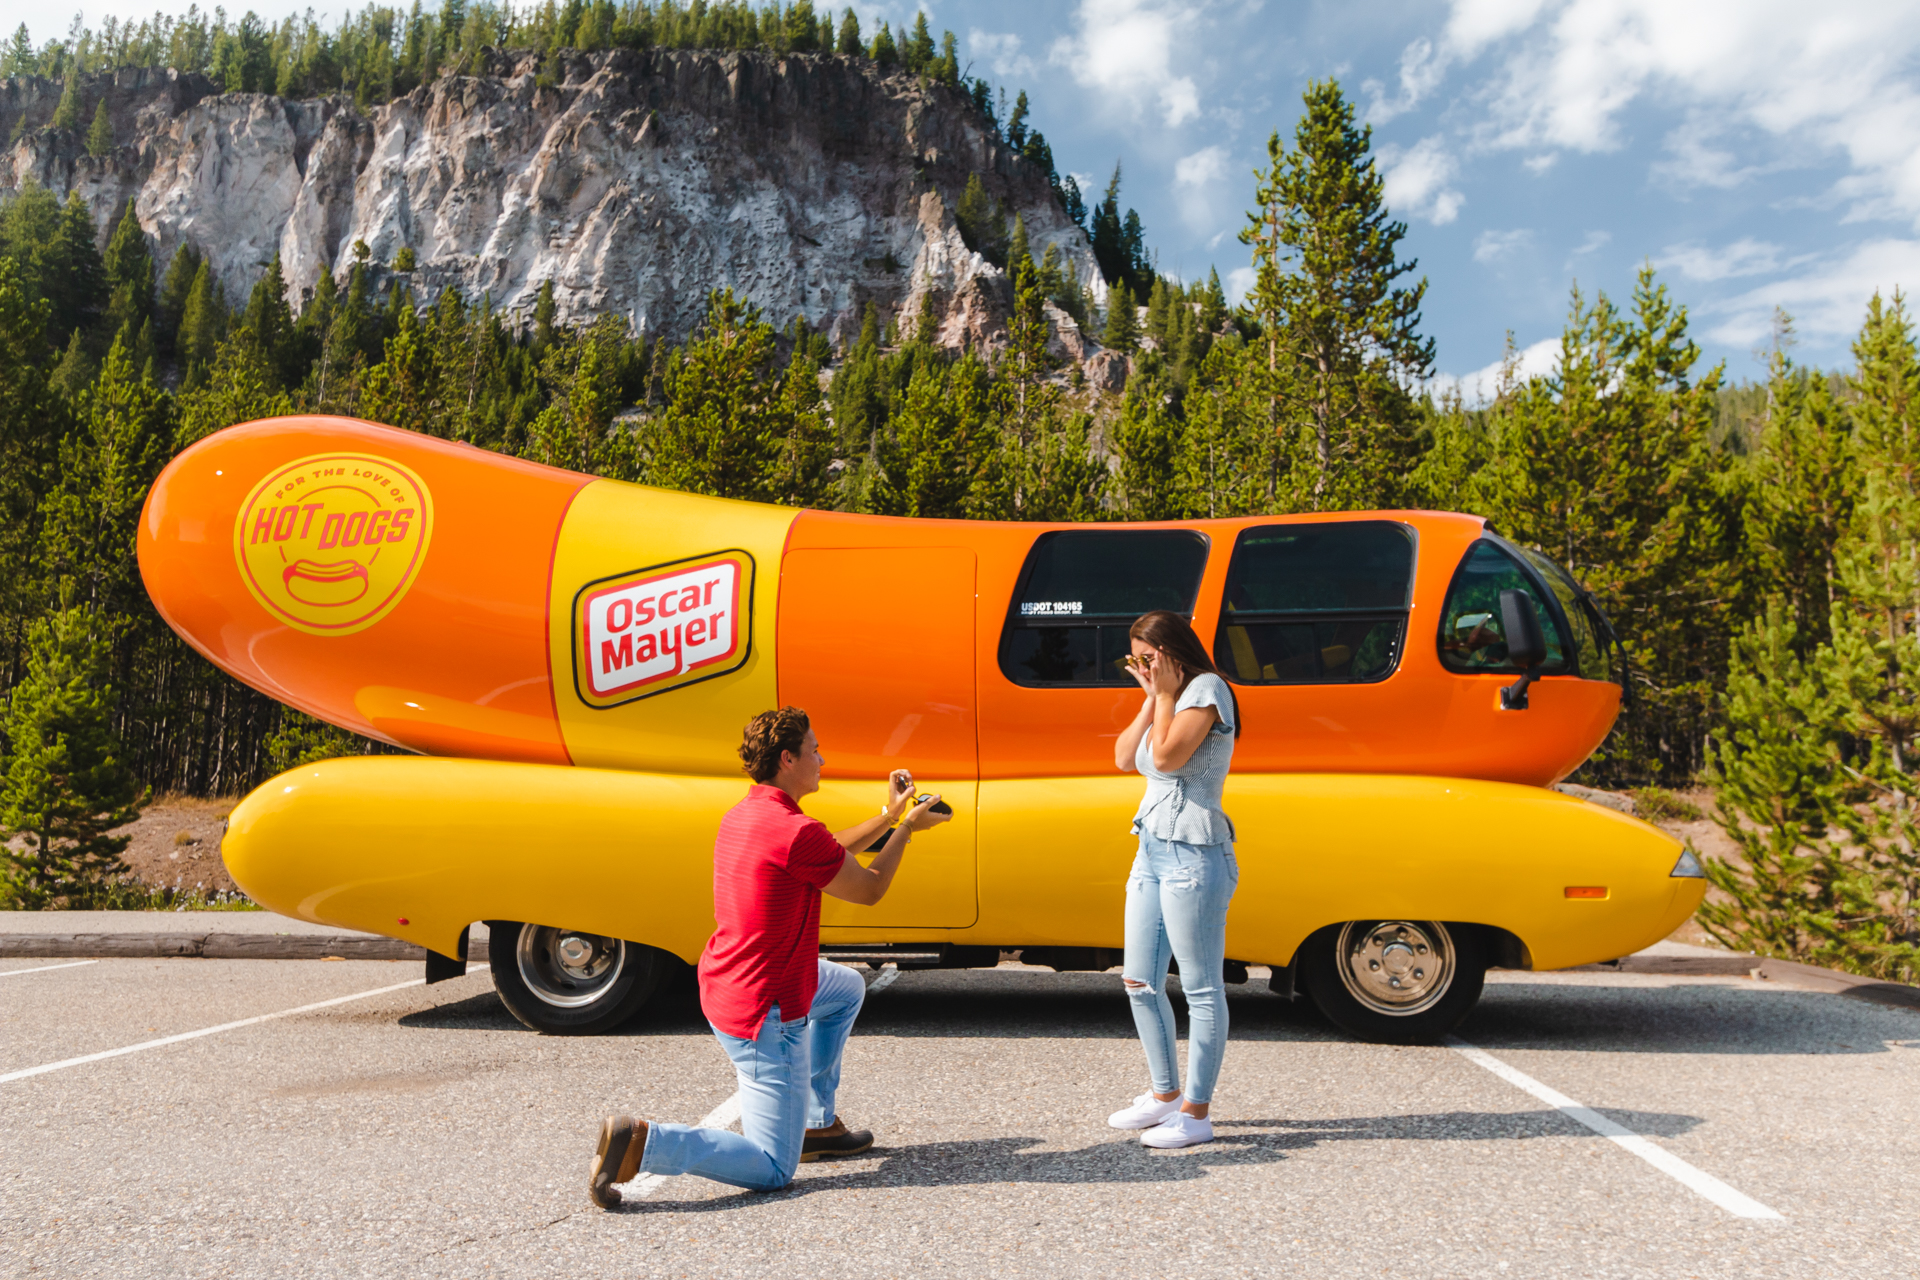 Planujesz wyjazd? Sprawdź mobilny nocleg w swoim ulubionym fast foodzie! Apetyczny hot dog czeka